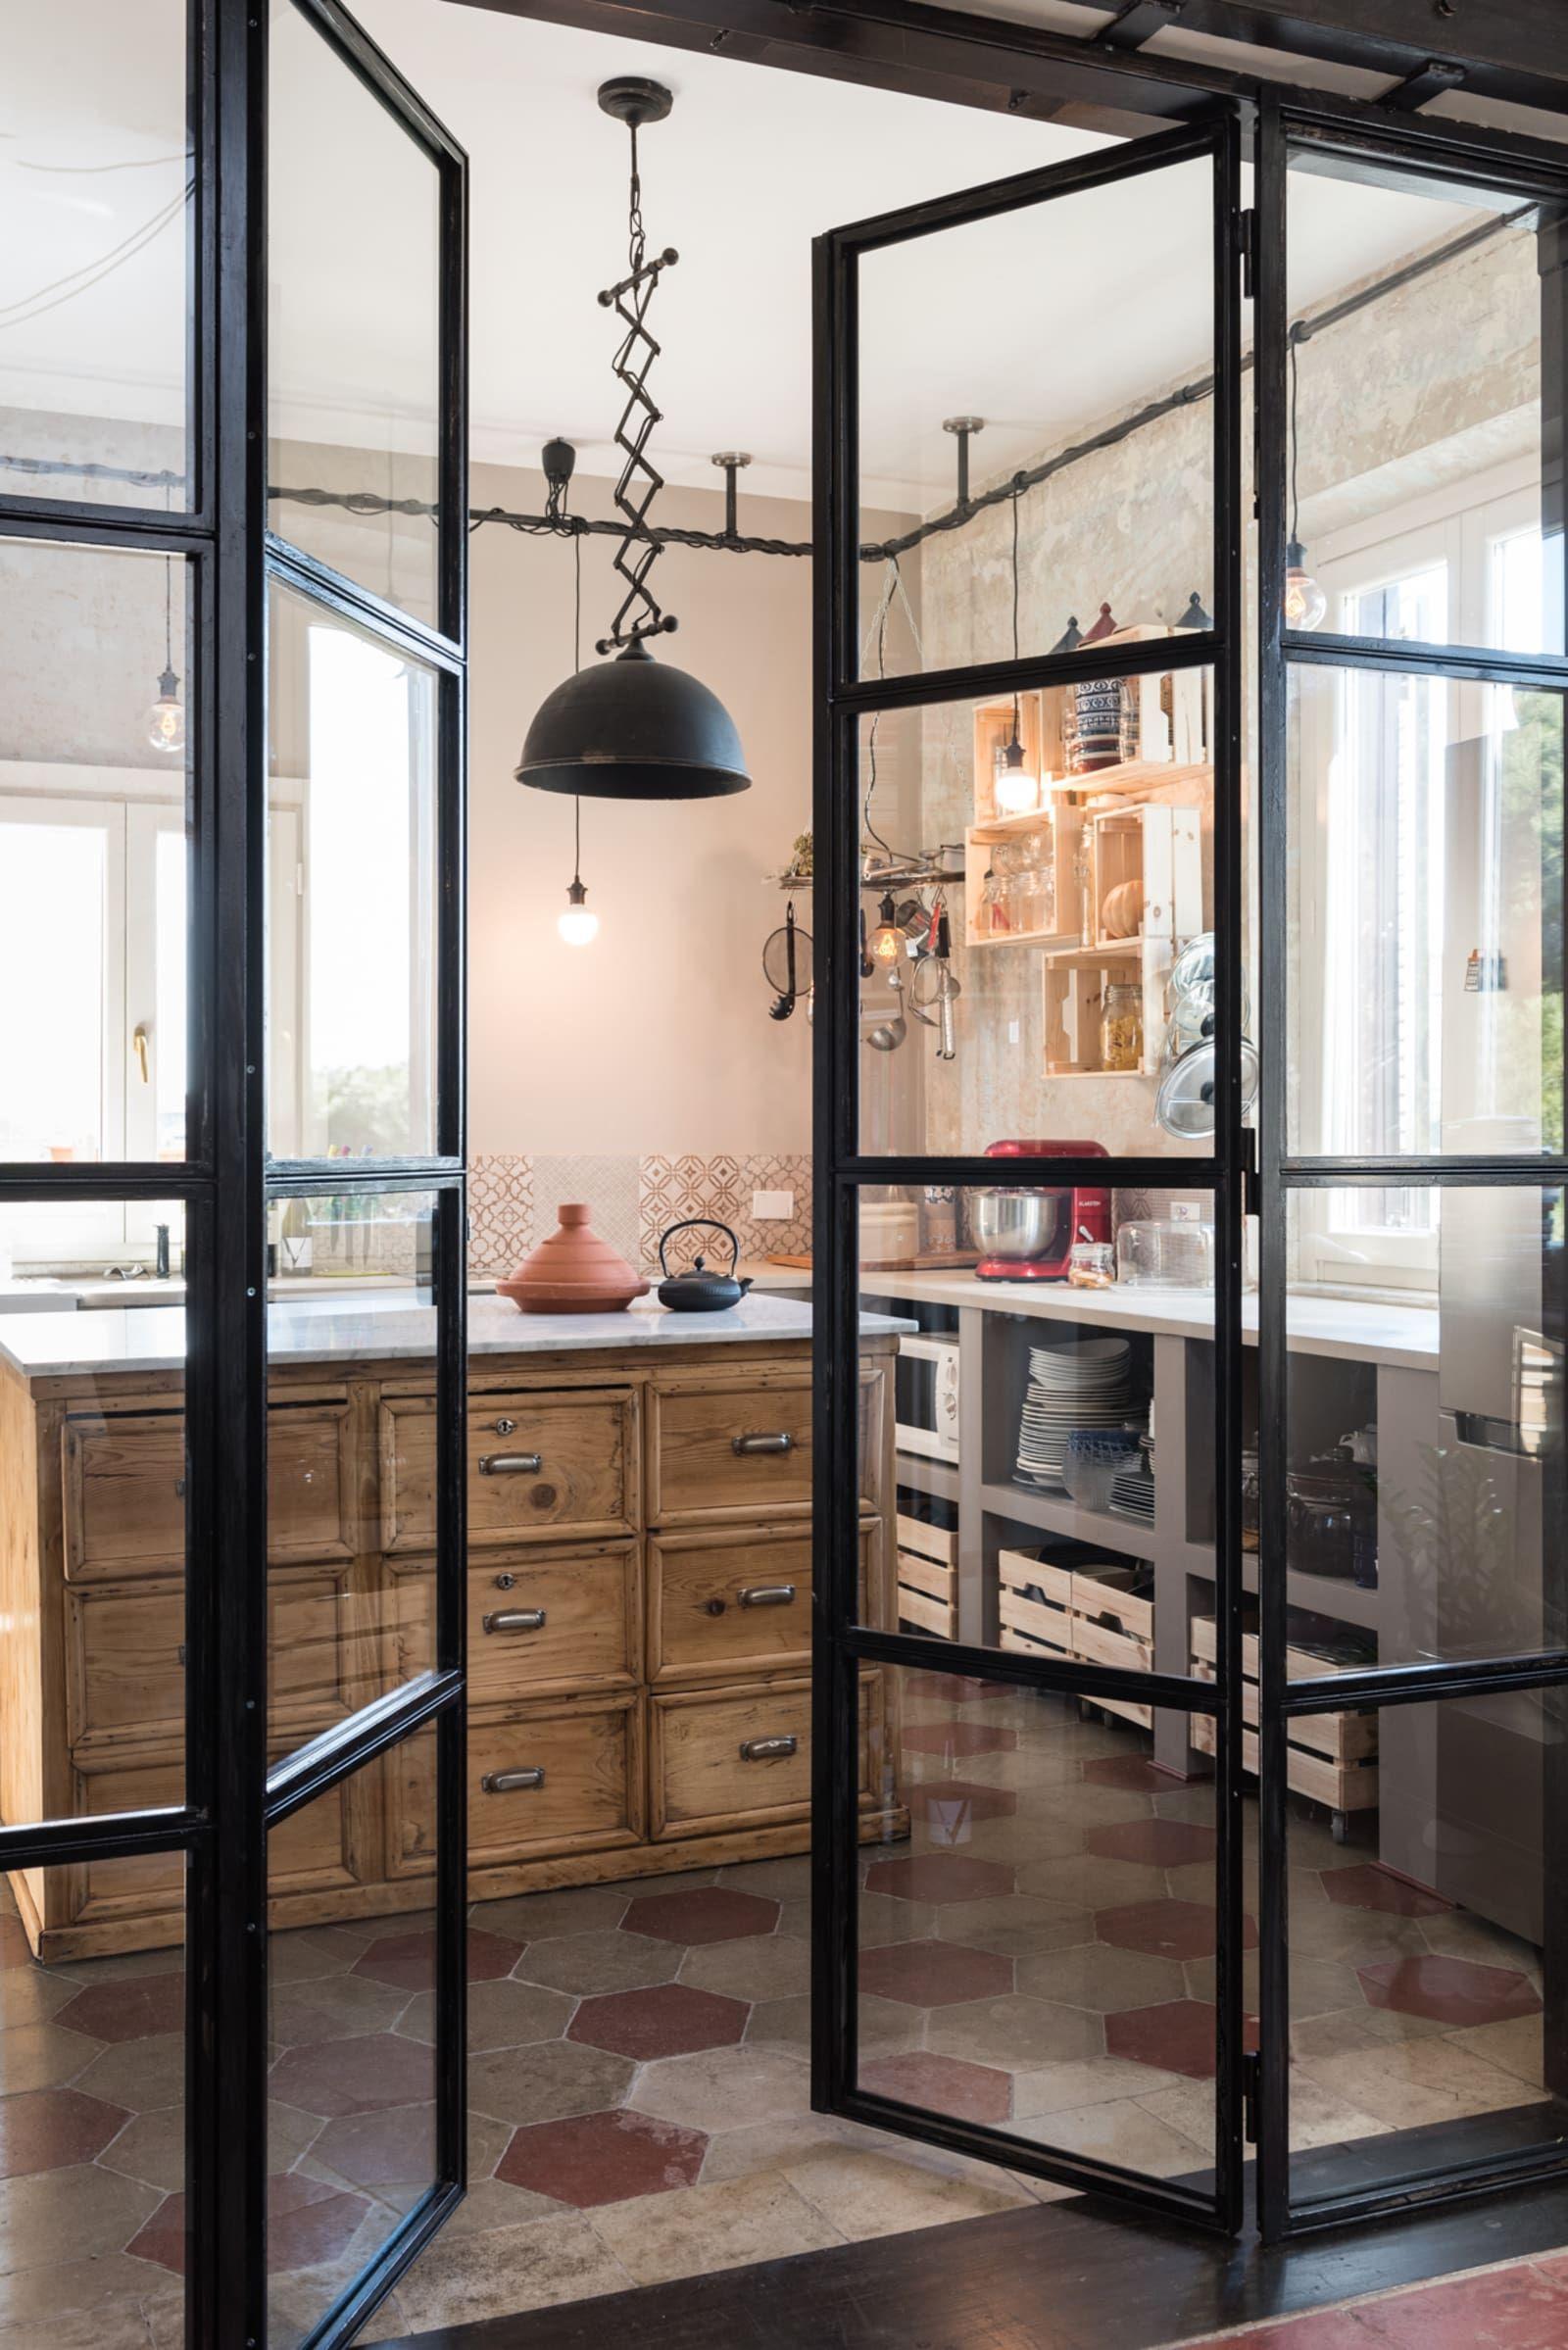 Caterina raddi appartamento ad ostiense scl flat in for Interni di design